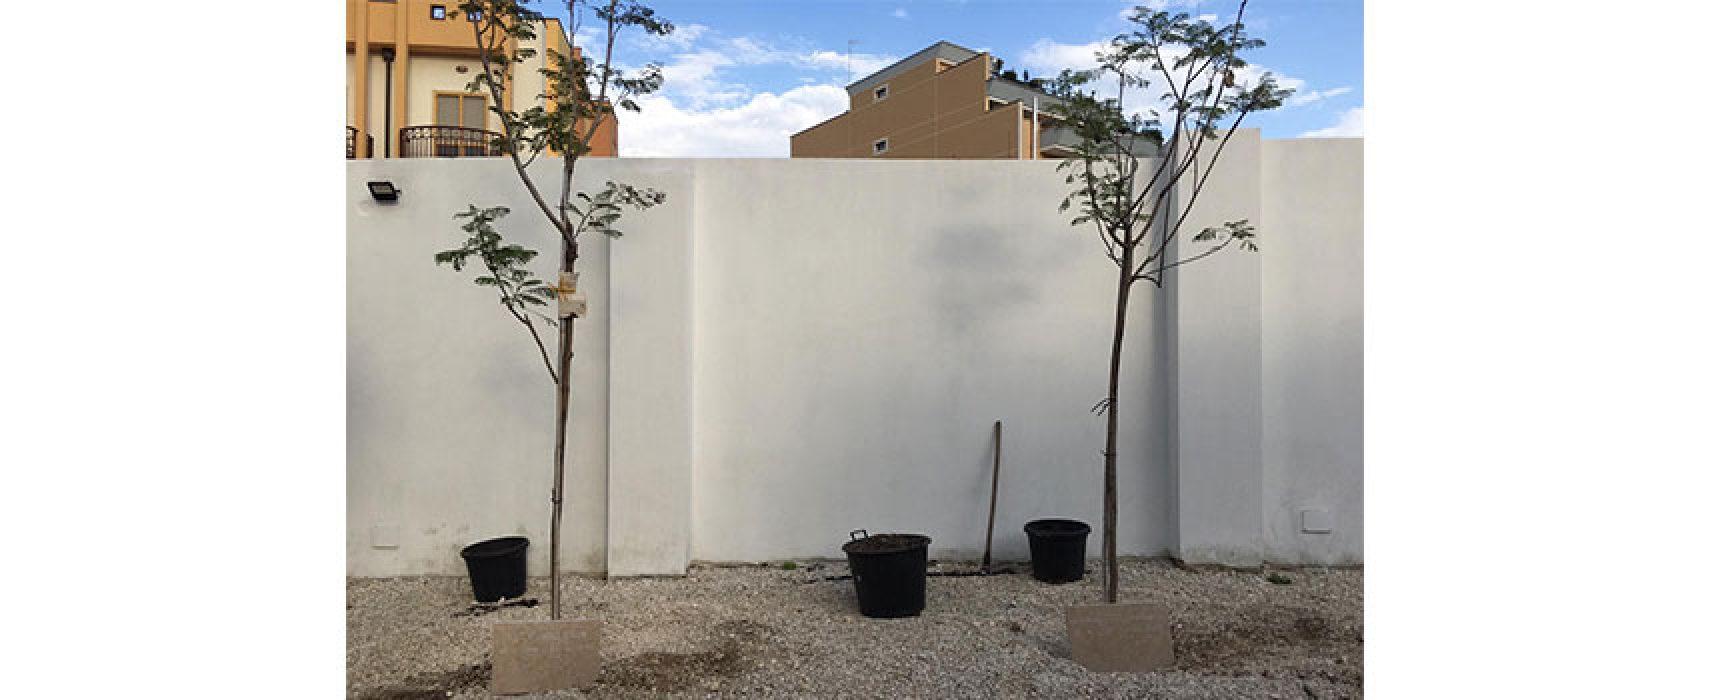 Inaugurato Giardino dei Giusti, messi a dimora primi alberi dedicati a due grandi donne / FOTO